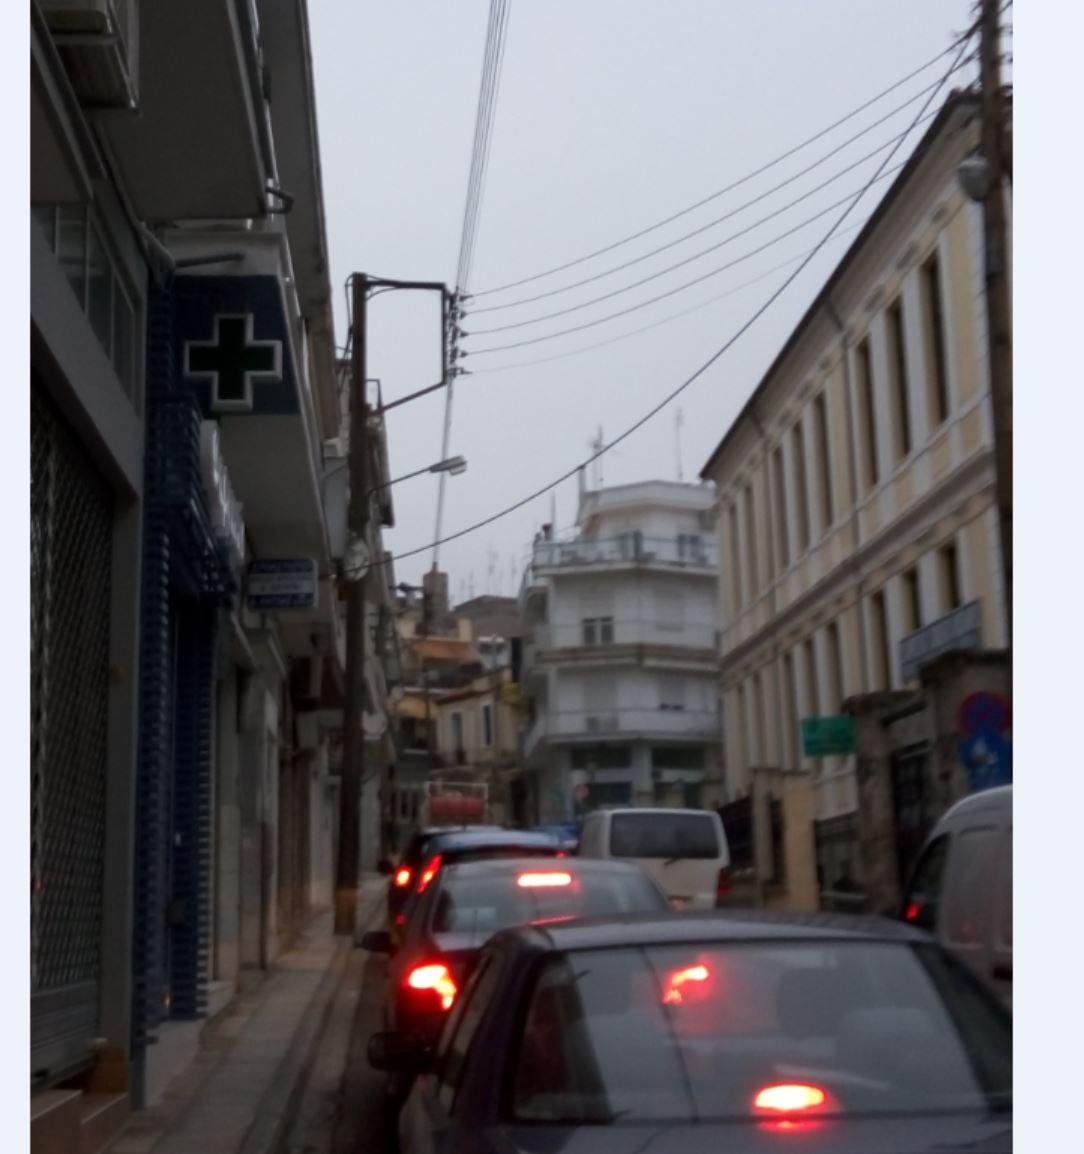 Επιστολή αναγνώστη στο Kozan.gr: Tο απορριμματοφόρο του Δήμου Κοζάνης είναι υπεύθυνο για την κυκλοφοριακή συμφόρηση